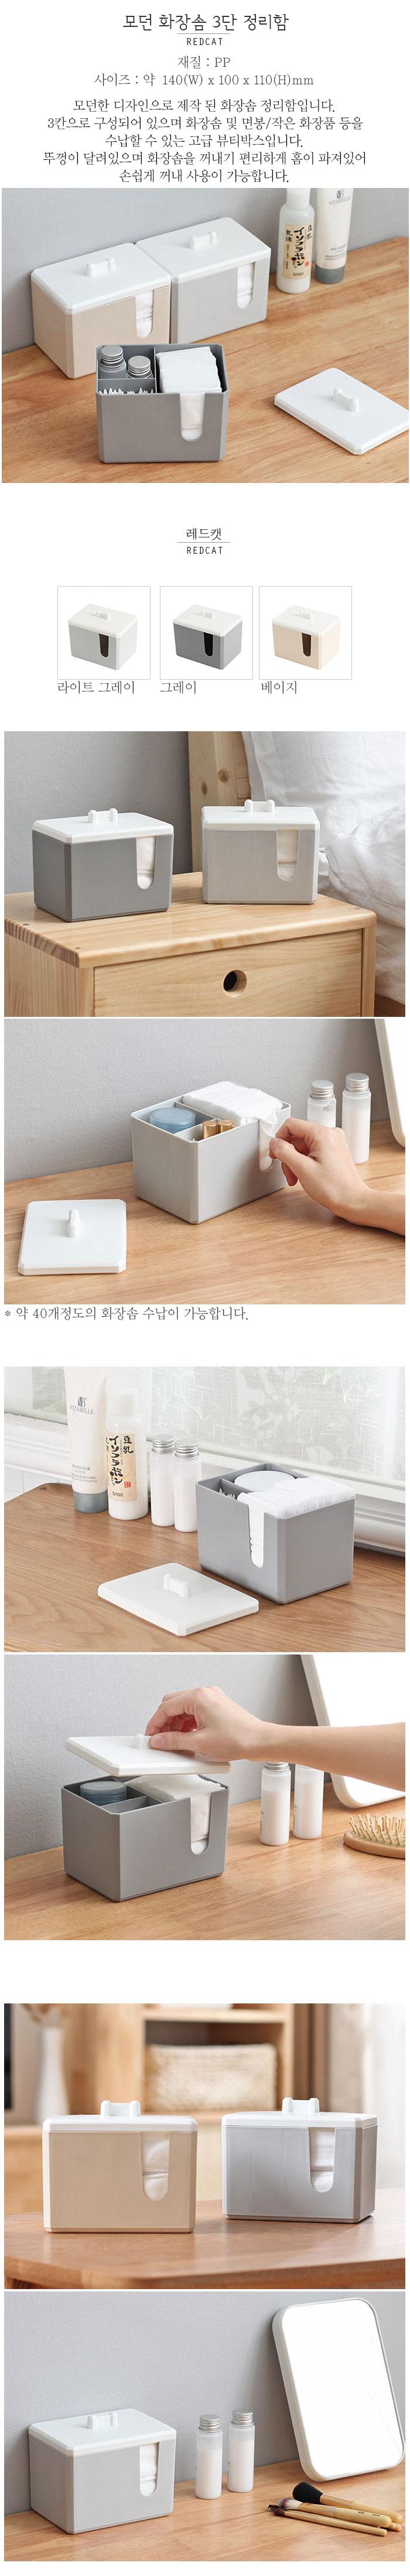 모던 화장솜 3단 정리함 - 네코리빙, 3,440원, 정리/리빙박스, 플라스틱 리빙박스